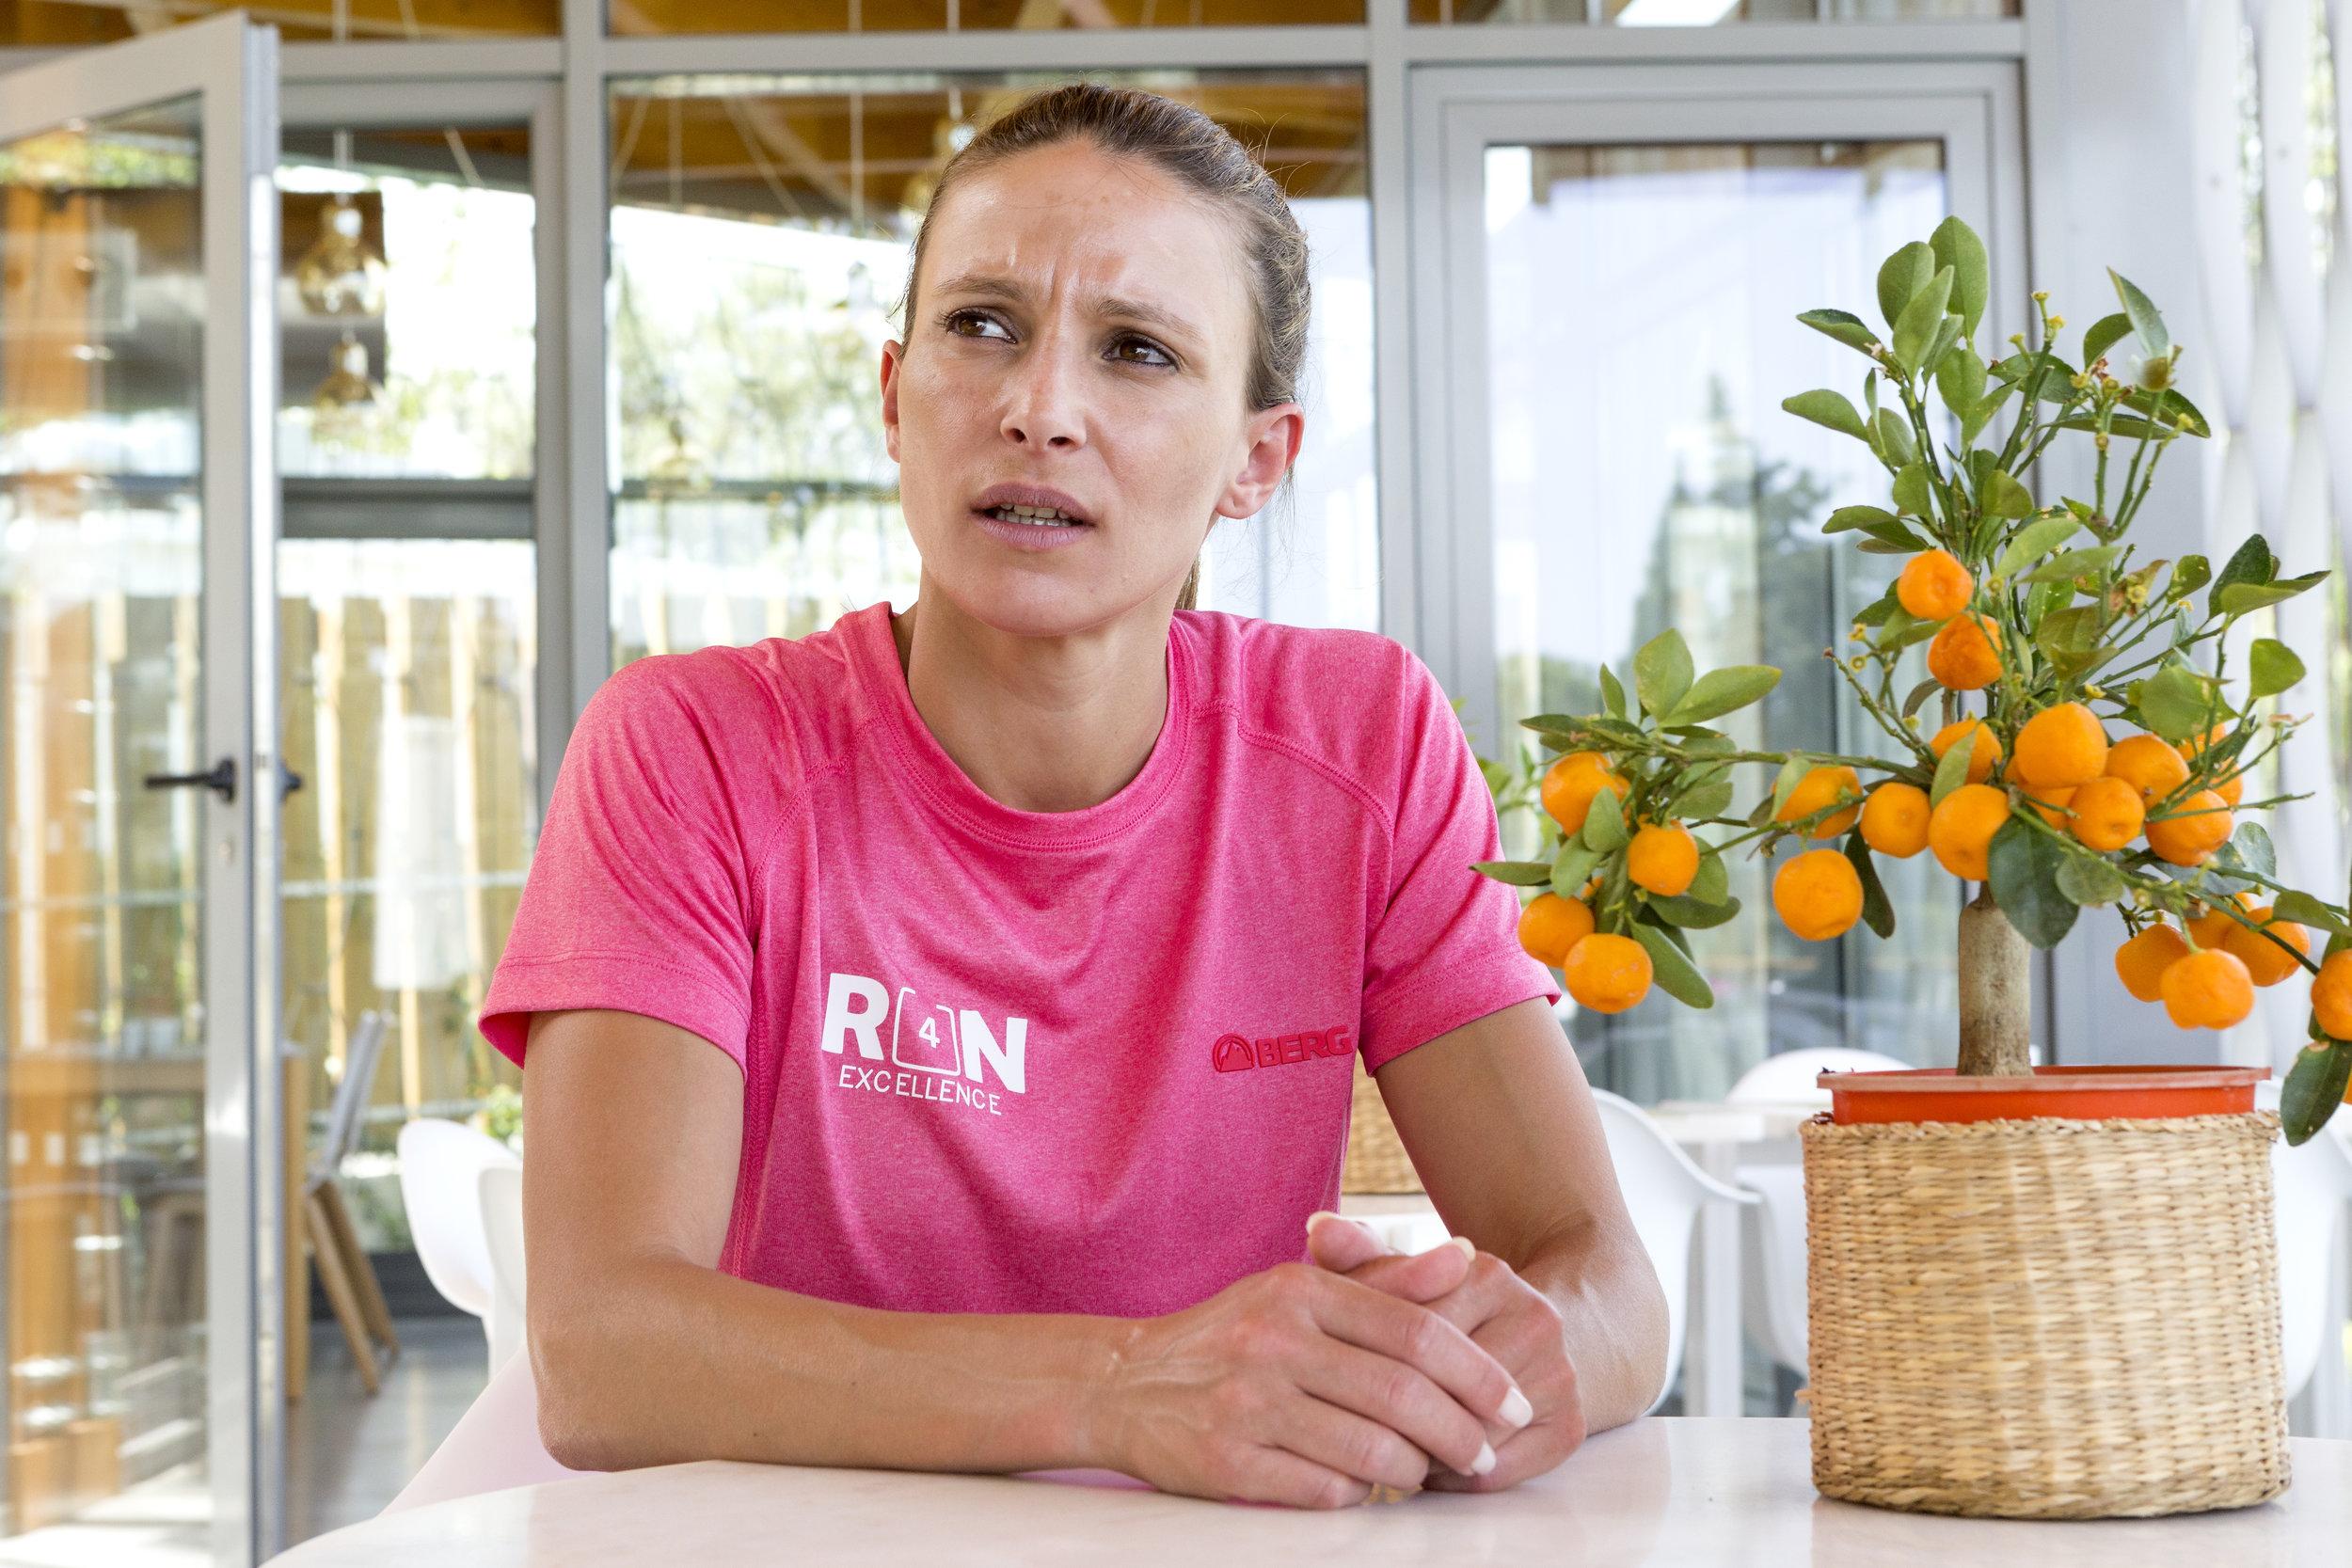 Marisa Vieira, será uma das técnicas do projeto run4excellence, responsável por este training camp (foto no OZADI Tavira Hotel).